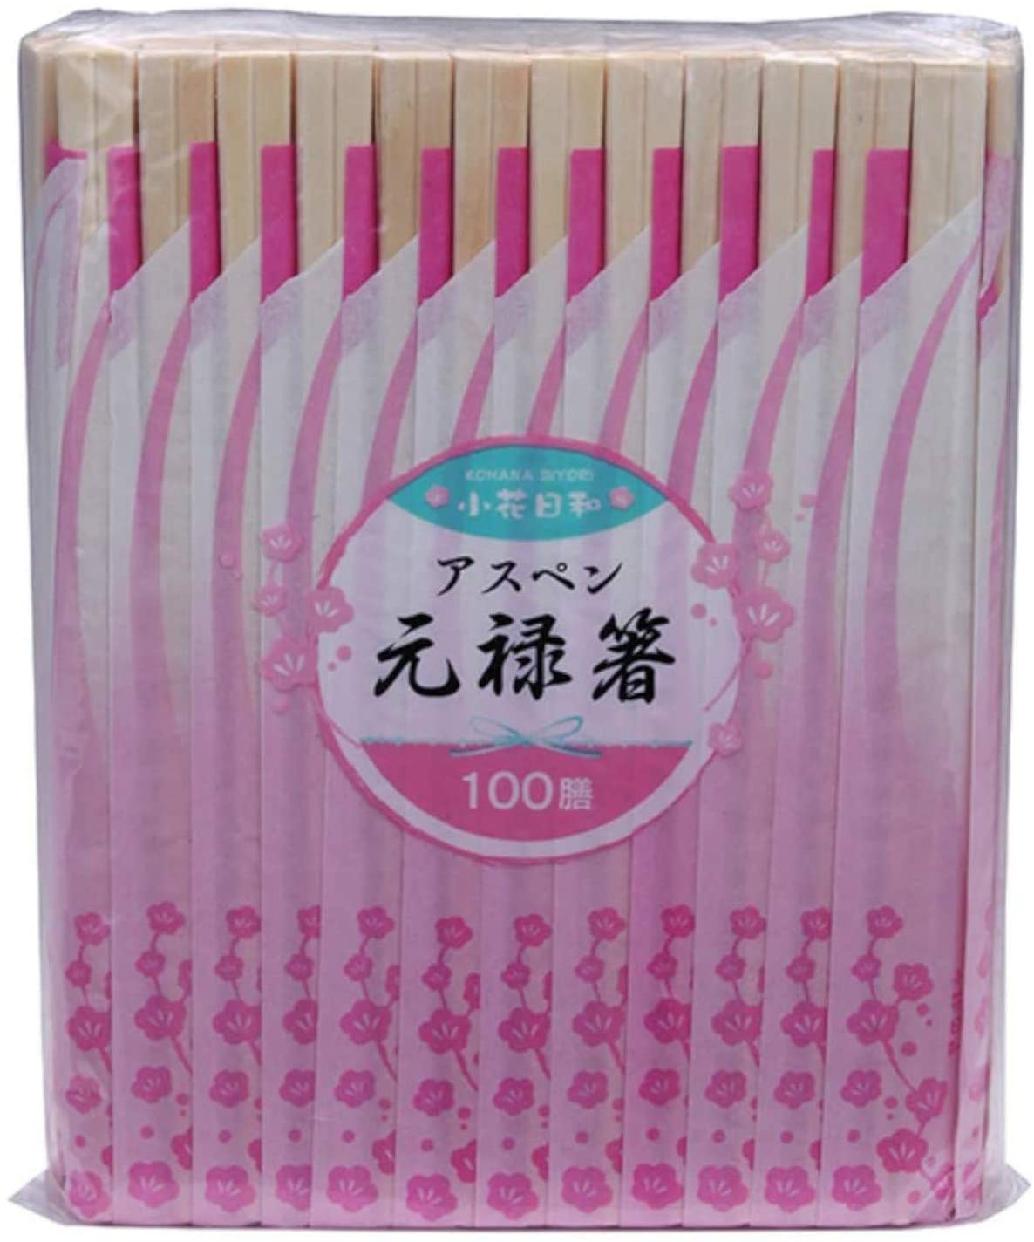 小花日和(こはなびより)アスペン元禄箸 100膳 20.3cmの商品画像